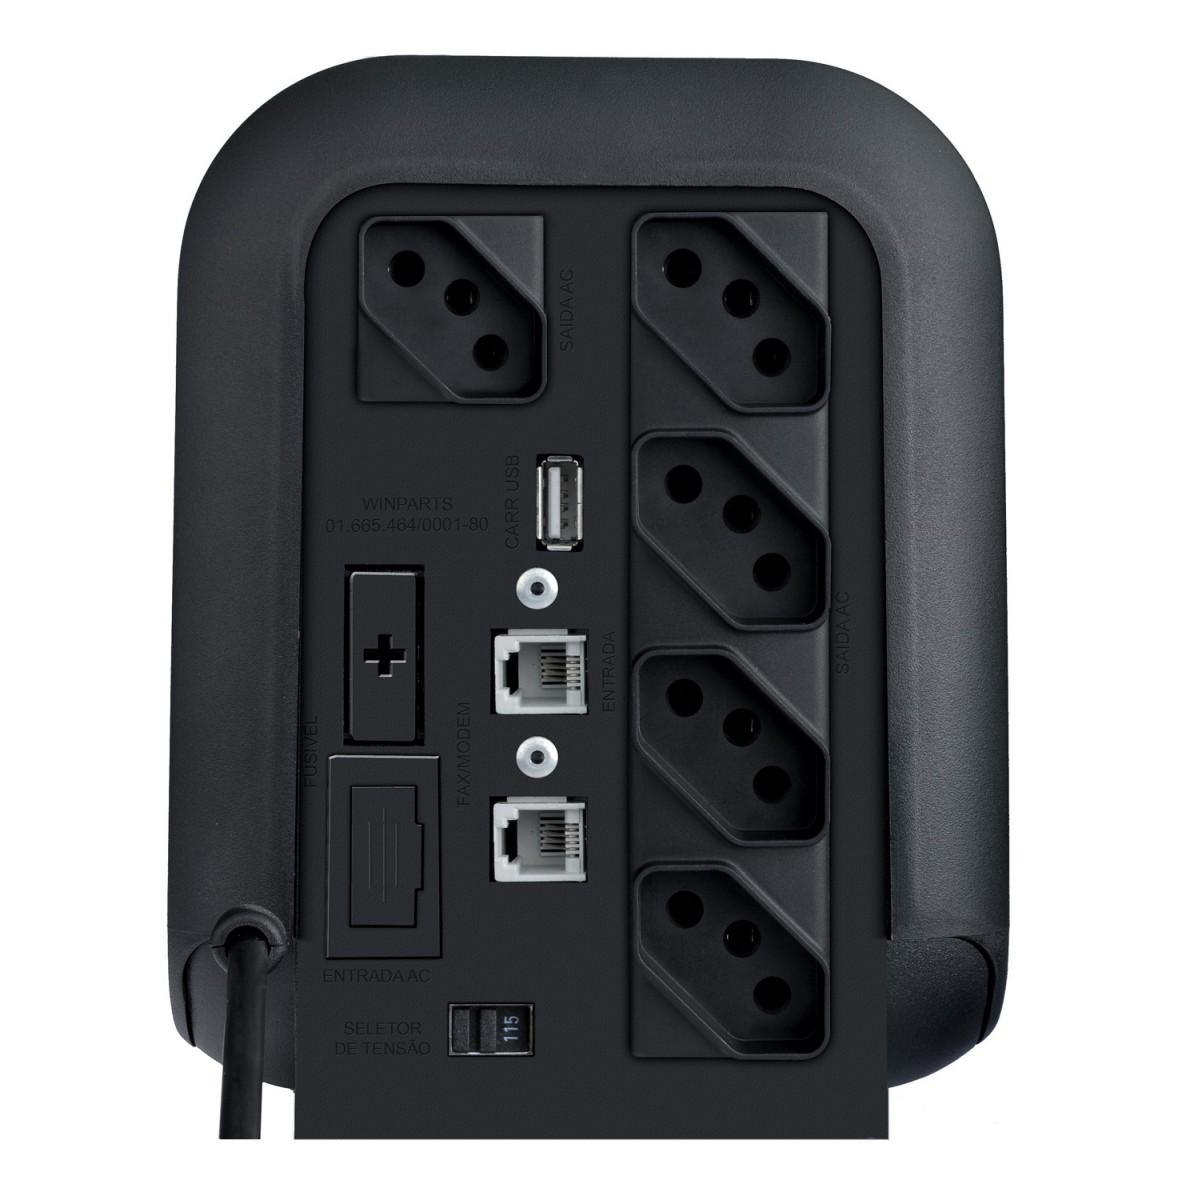 Estabilizador Exs Power T Enermax 1000va E/s 115v Preto